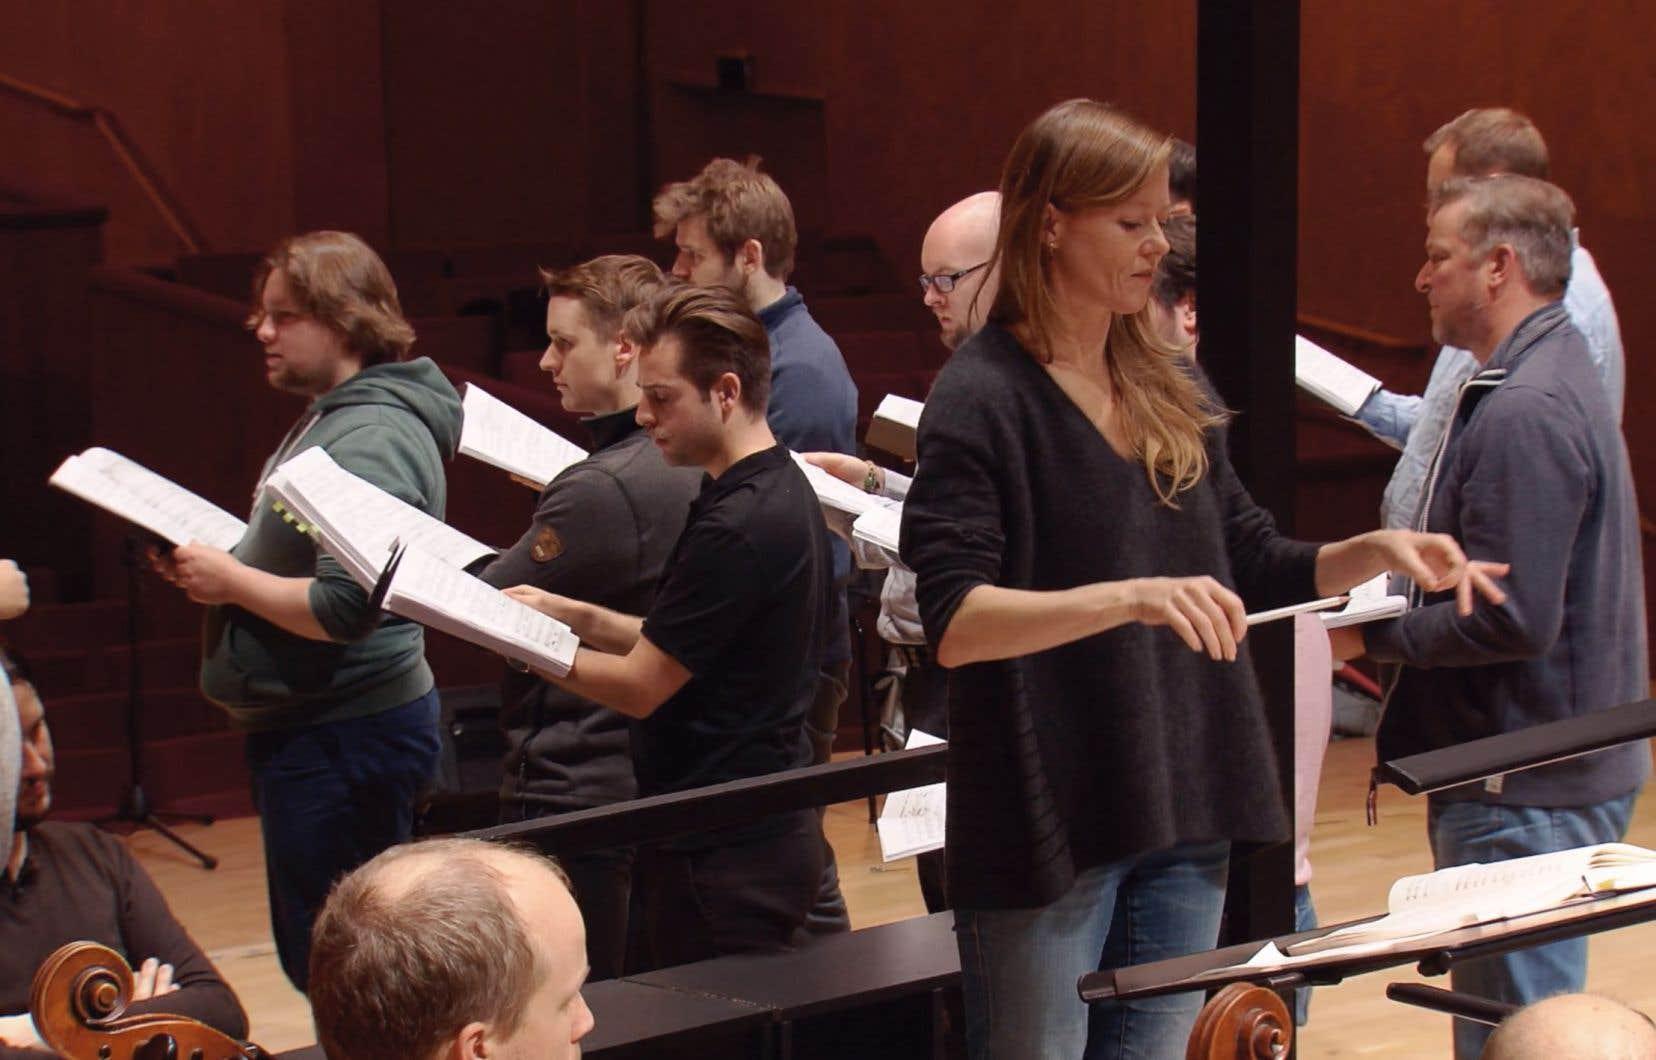 Le projet de Maria Stodtmeier se concentre sur le travail de préparation de la représentation semi-scénique du «<i>Rake's Progress»</i> de Stravinski dirigé par Barbara Hannigan à Göteborg.